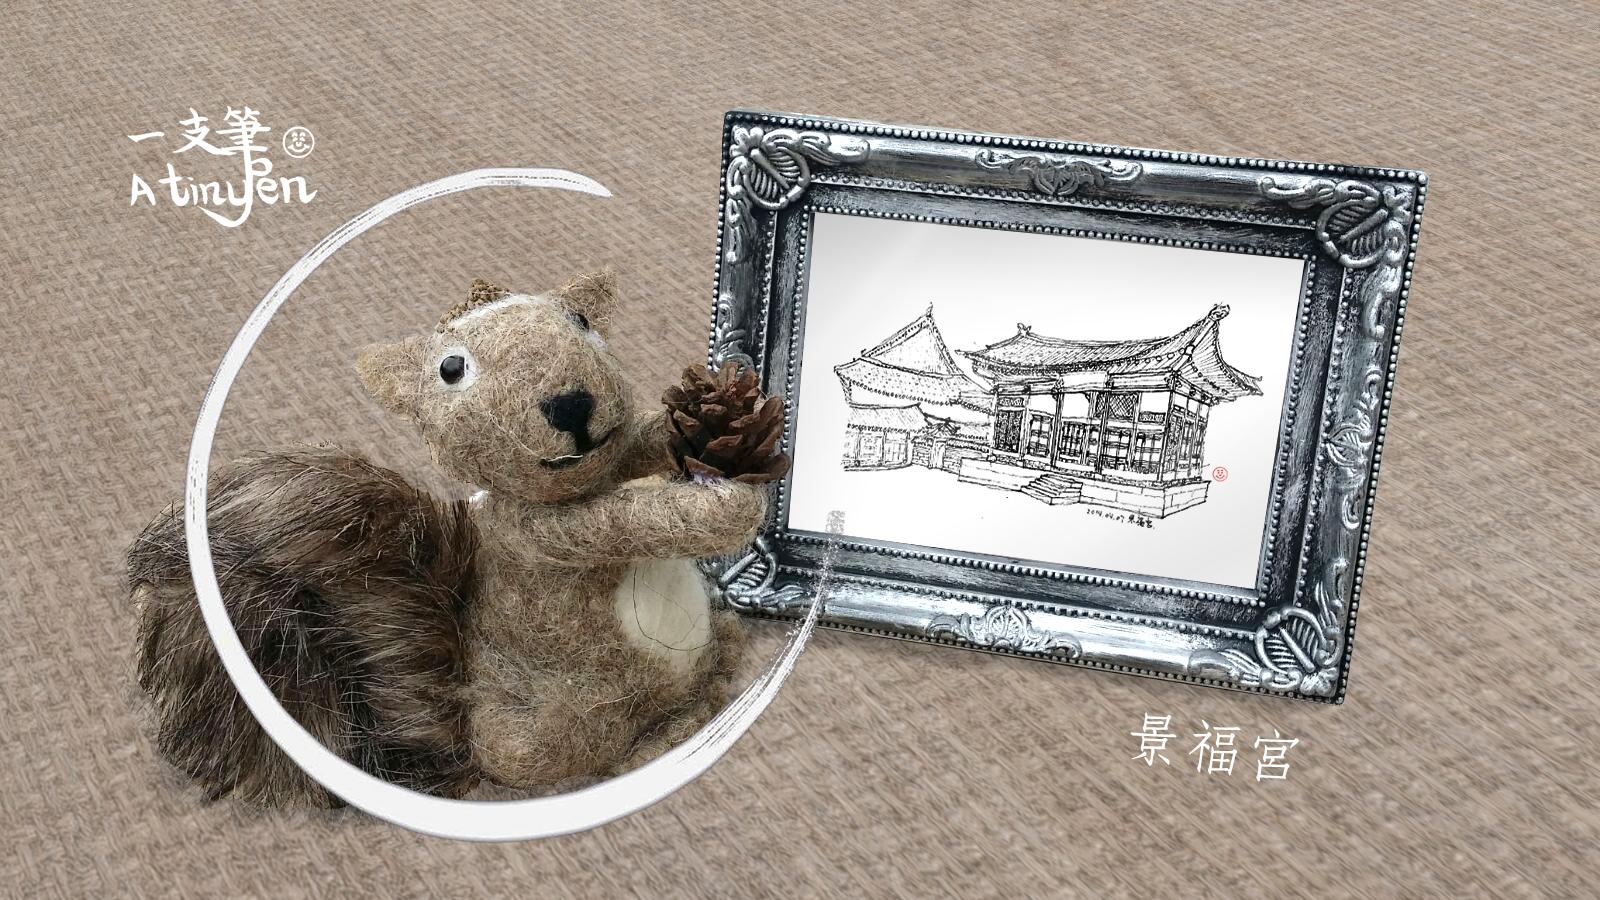 一支筆 A Tiny Pen.景福宮